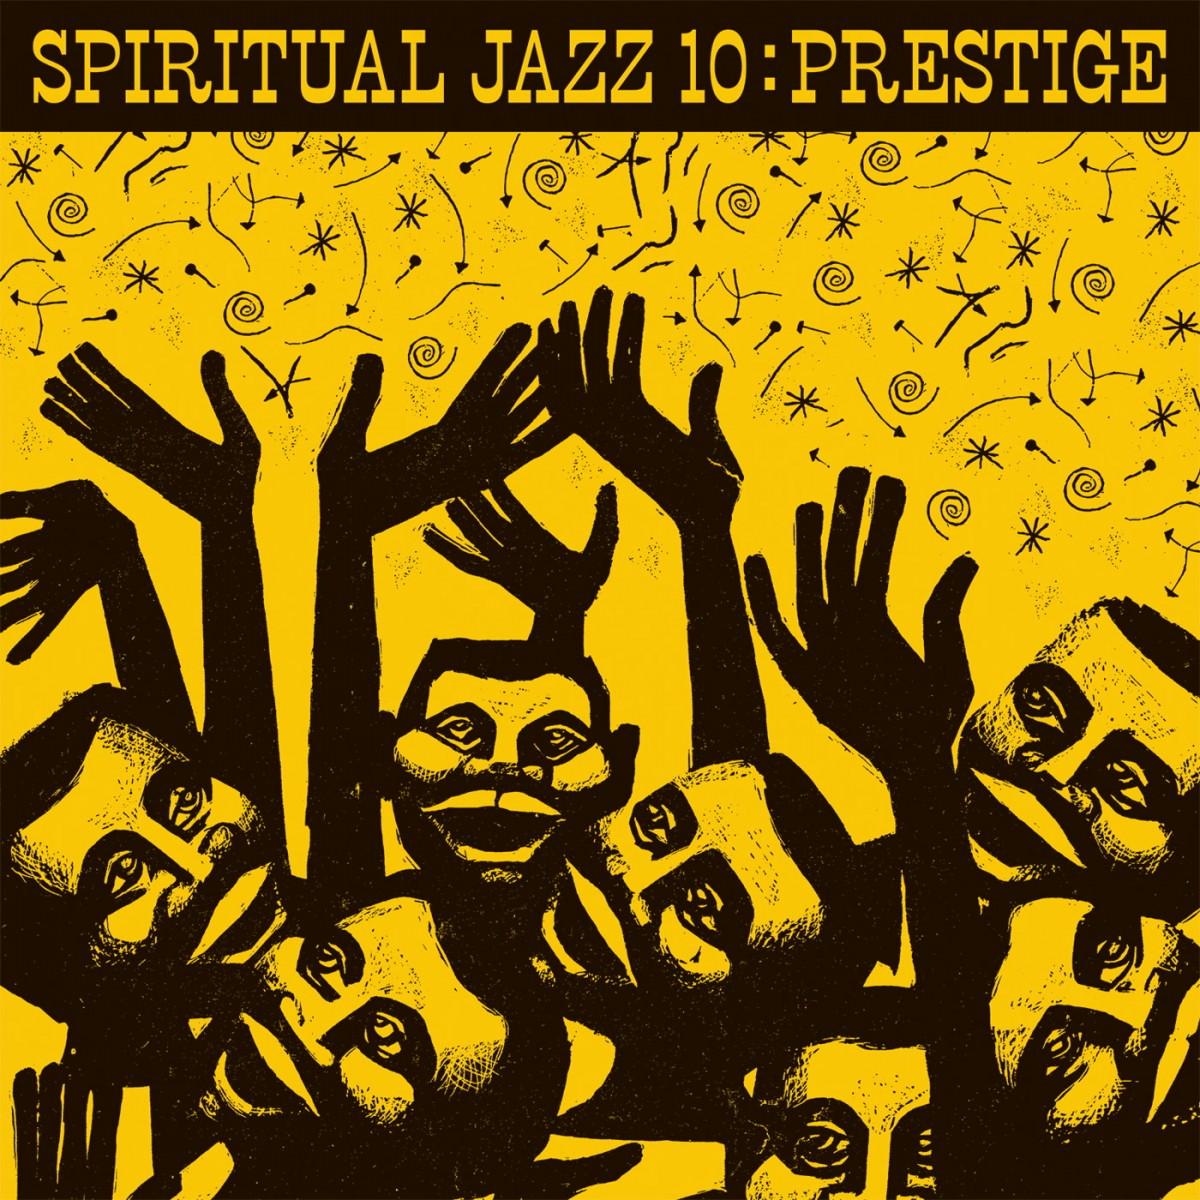 Spiritual Jazz 10 Prestige - Various Artists